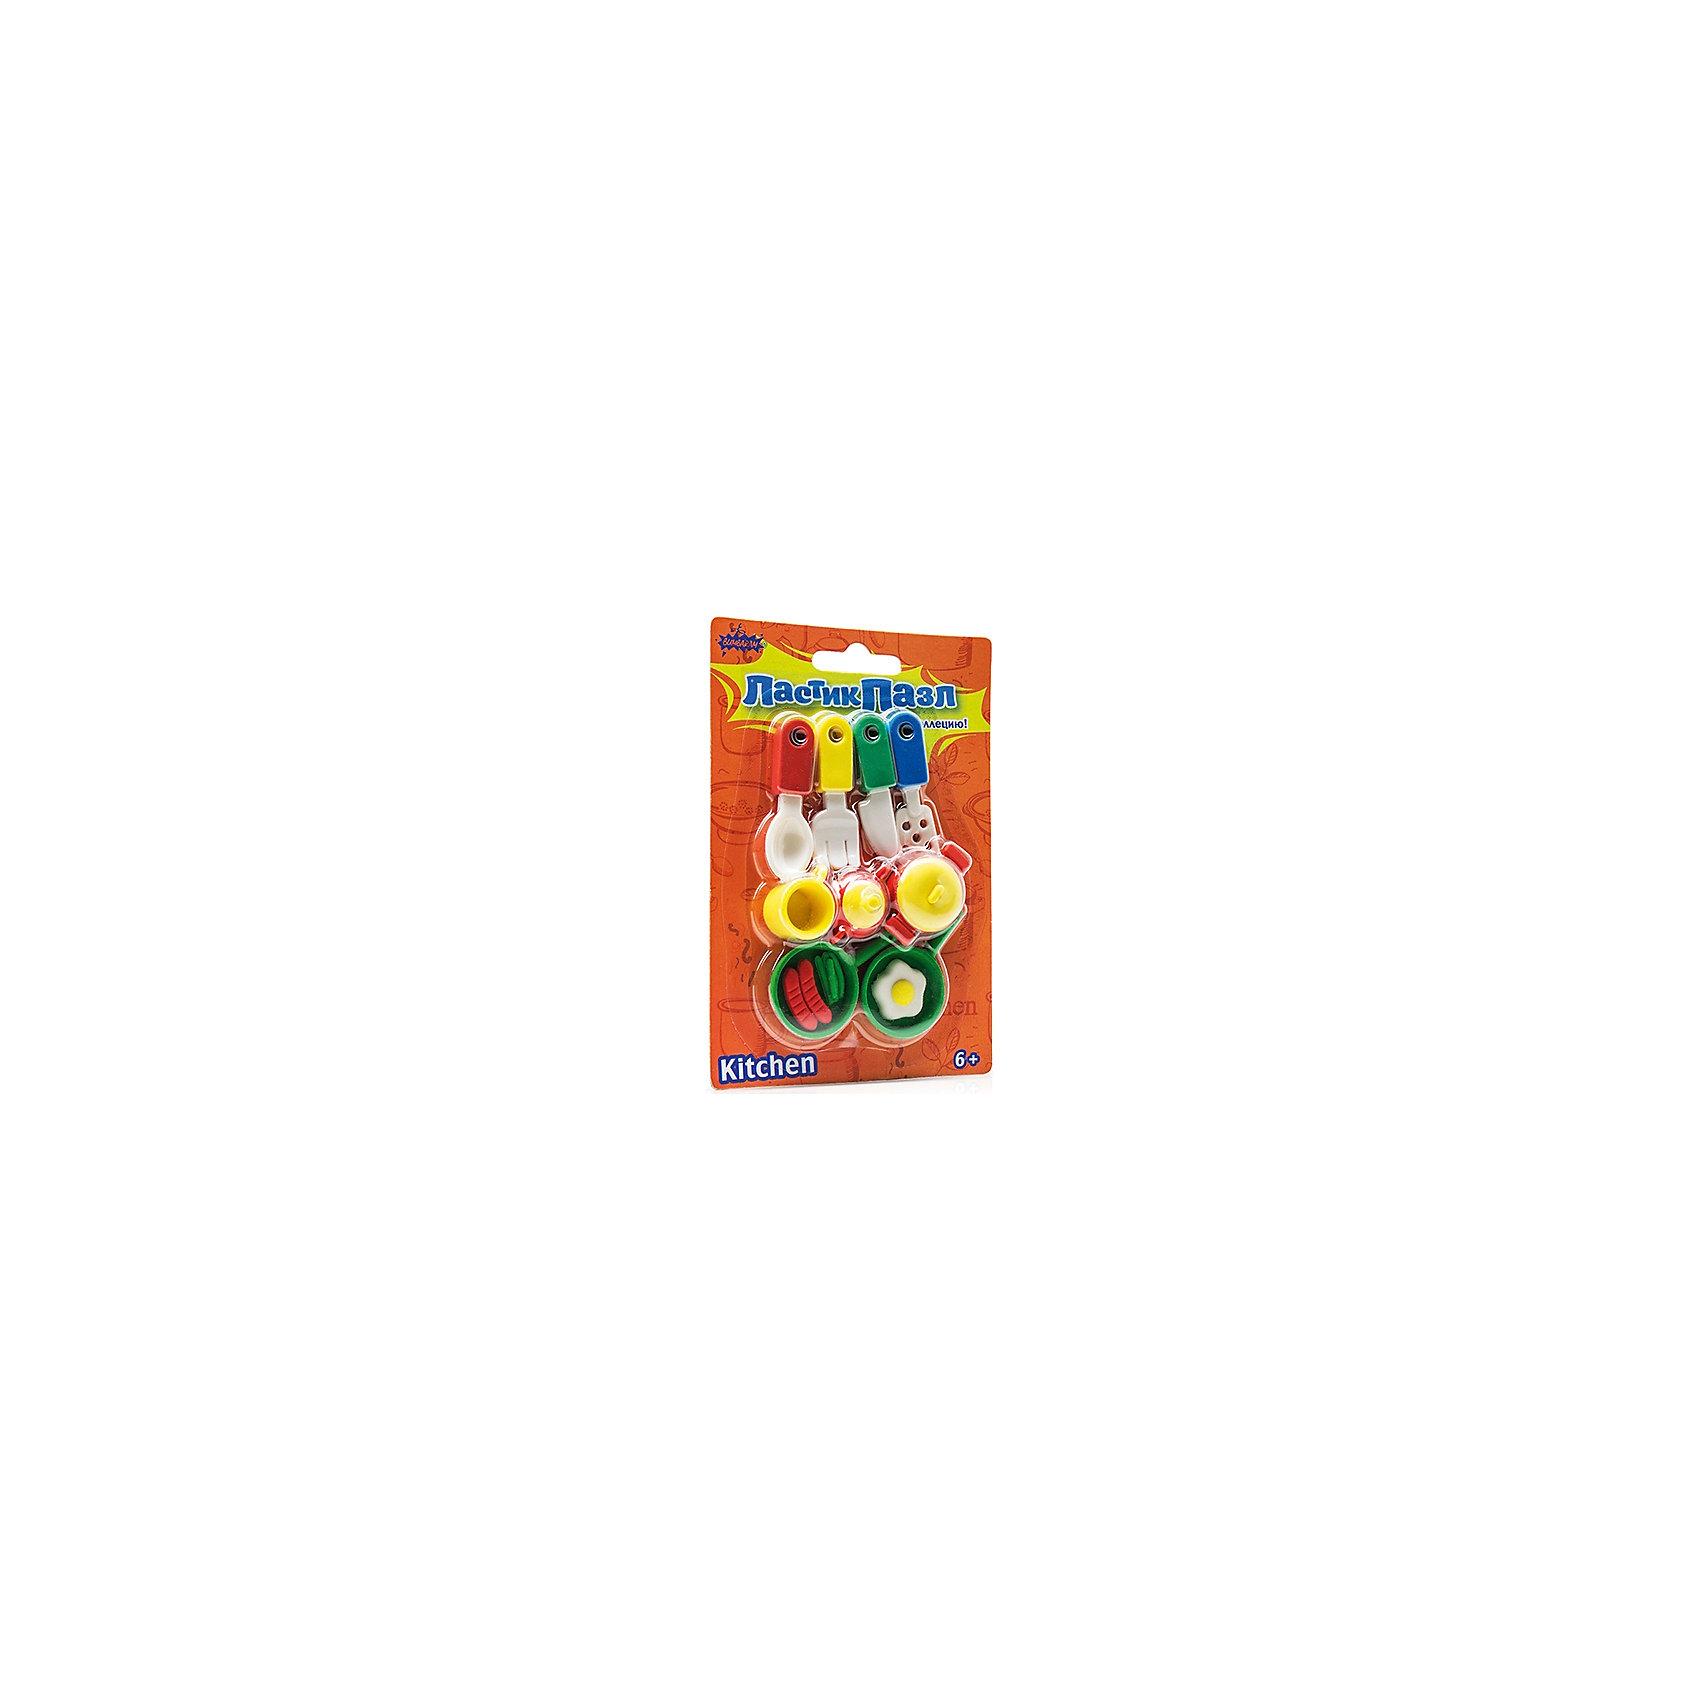 Набор Ластик-Пазл - Кухня БумбарамЧертежные принадлежности<br>Набор Ластики-пазлы на блистере Посуда для кухни, Бумбарам.<br><br>Характеристики:<br><br>• качественный ластик<br>• каждый ластик состоит из нескольких пазлов<br>• развивает внимательность, усидчивость и мелкую моторику<br>• яркий дизайн<br>• материал: резина<br>• размер фигурок: 2-4 см<br>• размер упаковки: 13,5х9,5 см<br>• вес: 85 грамм<br><br>Набор Ластики-пазлы на блистере Посуда для кухни содержит 9 различных атрибутов для каждой кухни. Все фигурки можно разобрать, а затем снова собрать пазл. Это поможет развить мелкую моторику, внимательность и логику. Такие универсальные ластики пригодятся каждому ребенку!<br><br>Набор Ластики-пазлы на блистере Посуда для кухни, Бумбарам вы можете купить в нашем интернет-магазине.<br><br>Ширина мм: 135<br>Глубина мм: 95<br>Высота мм: 50<br>Вес г: 85<br>Возраст от месяцев: 72<br>Возраст до месяцев: 144<br>Пол: Женский<br>Возраст: Детский<br>SKU: 5054010